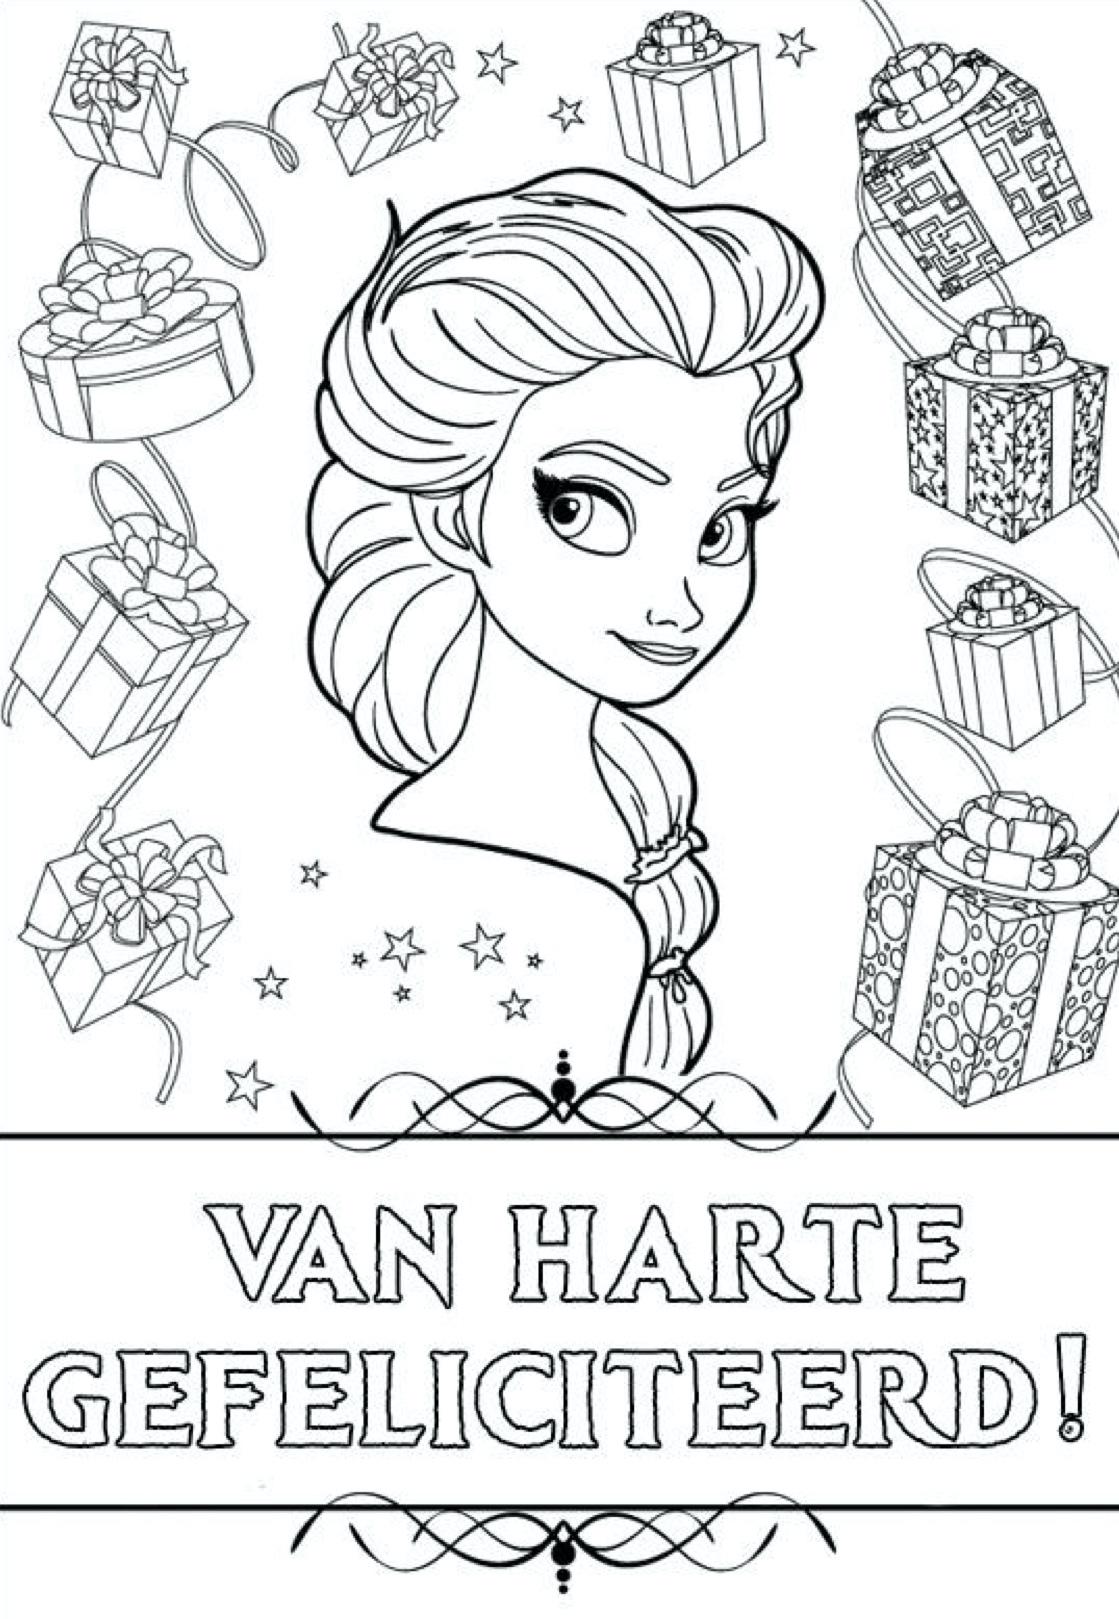 Gratis kleurplaat van harte gefeliciteerd Elsa!